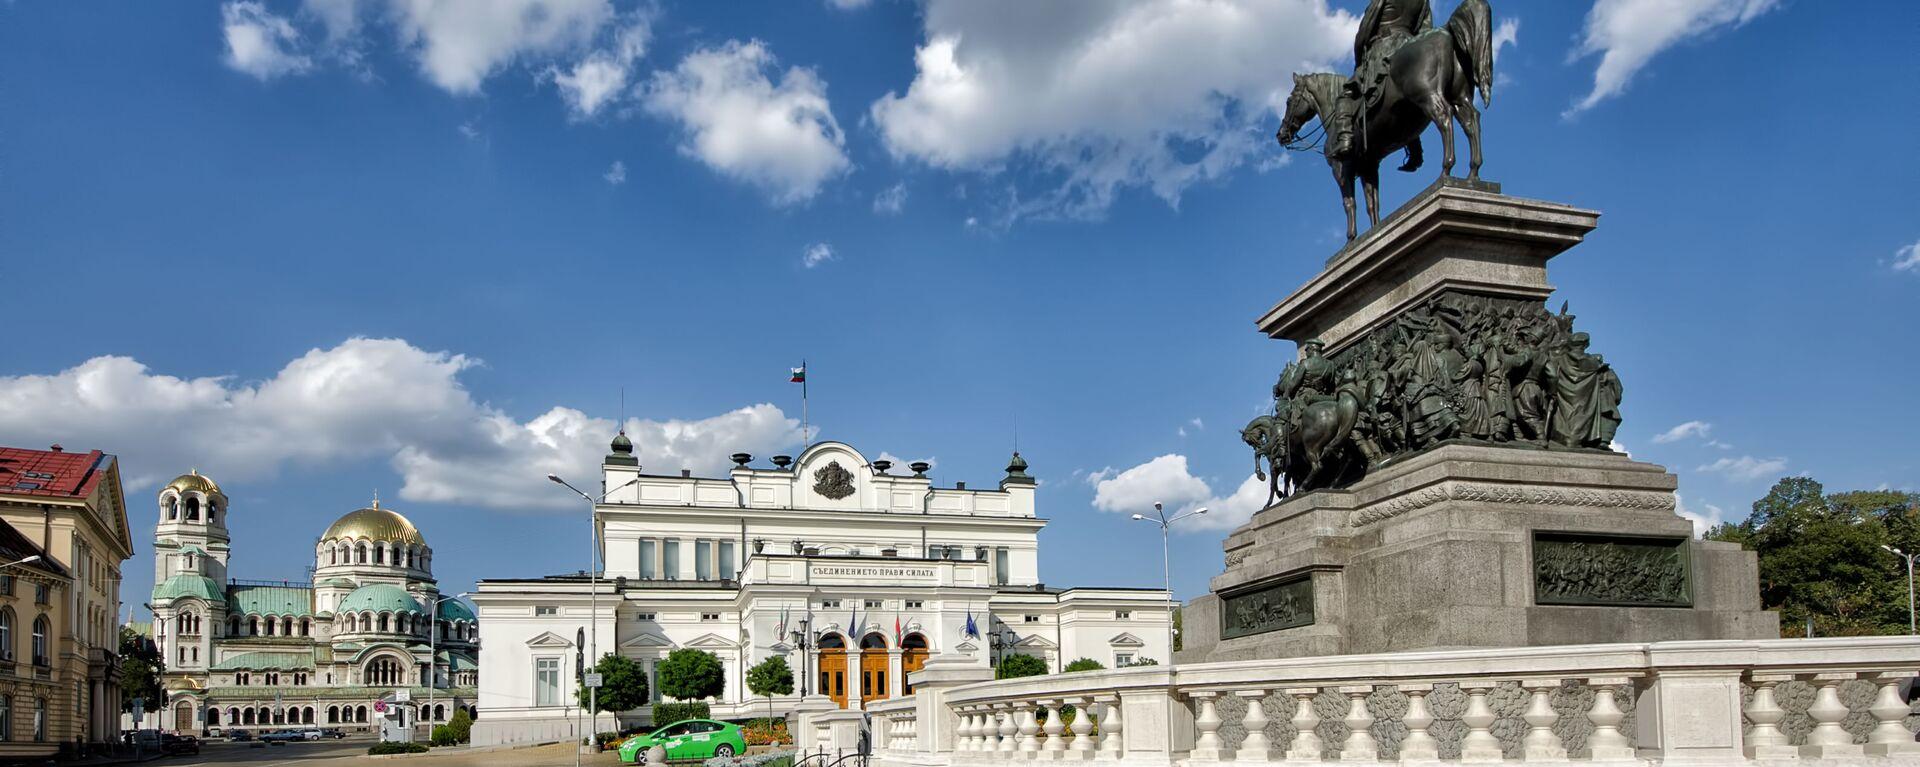 Památník Alexandru II. před bulharským parlamentem v Sofii - Sputnik Česká republika, 1920, 17.04.2020